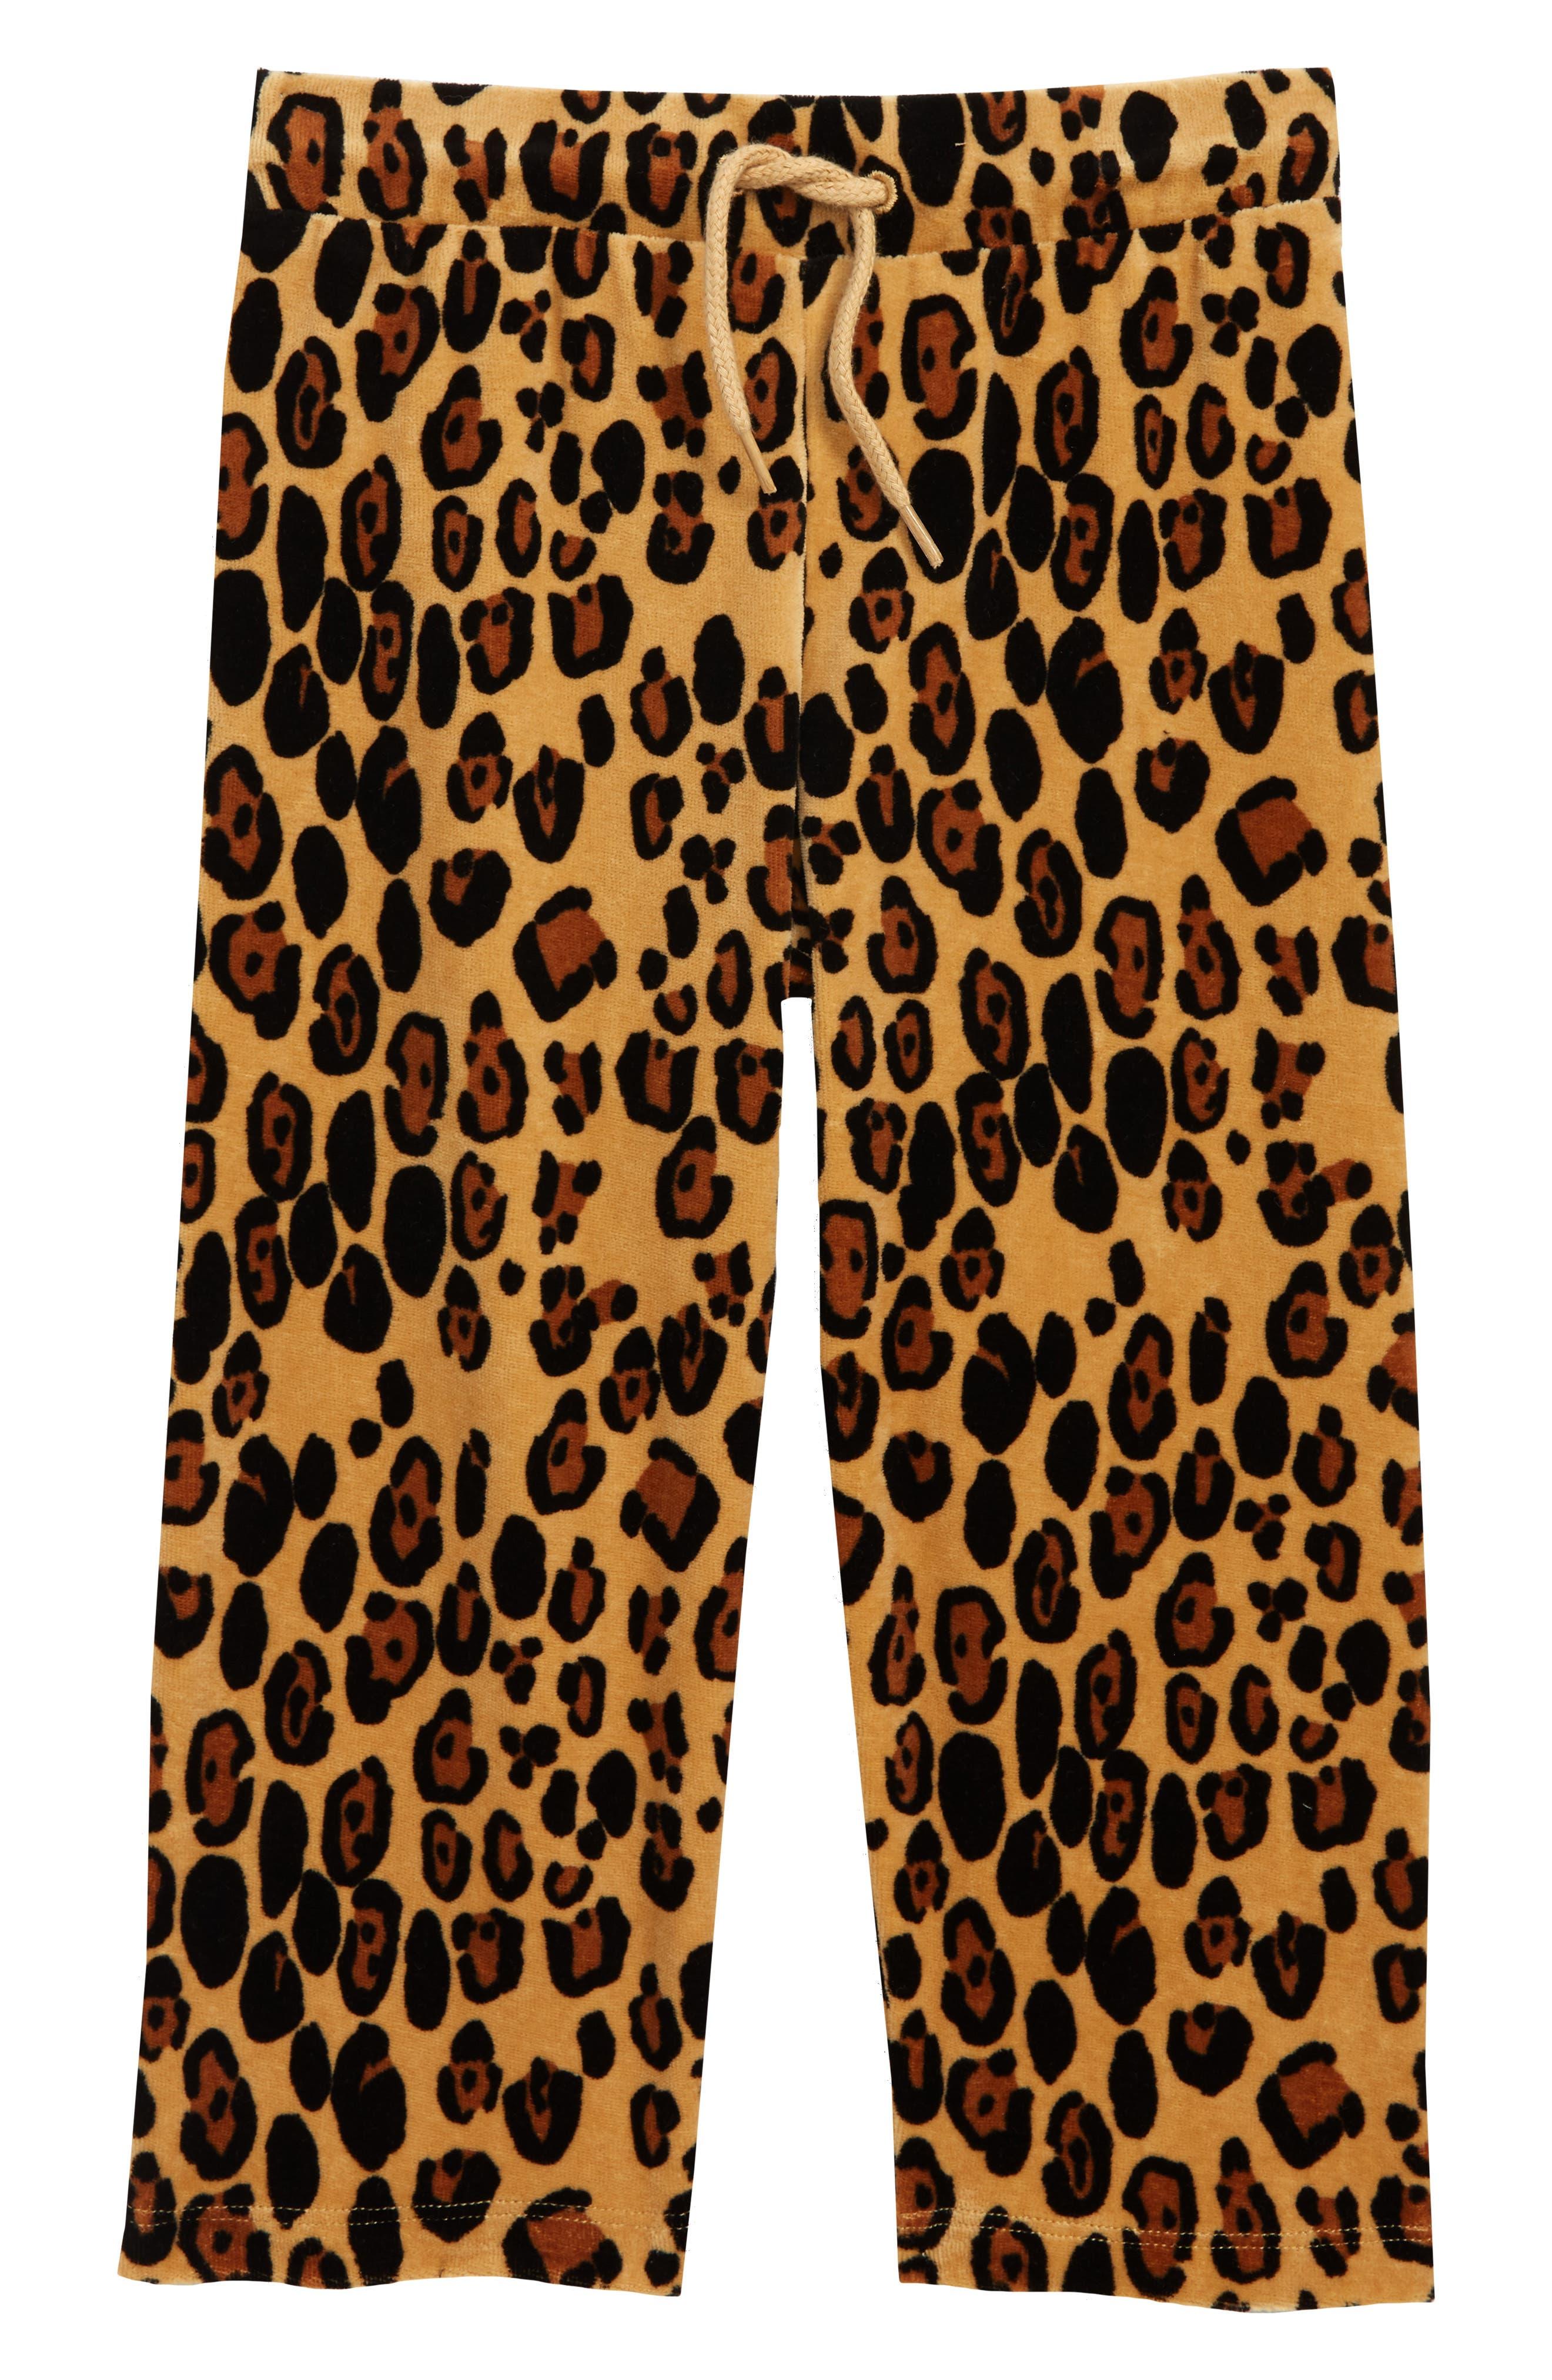 Leopard Velour Sweatpants,                             Main thumbnail 1, color,                             BEIGE